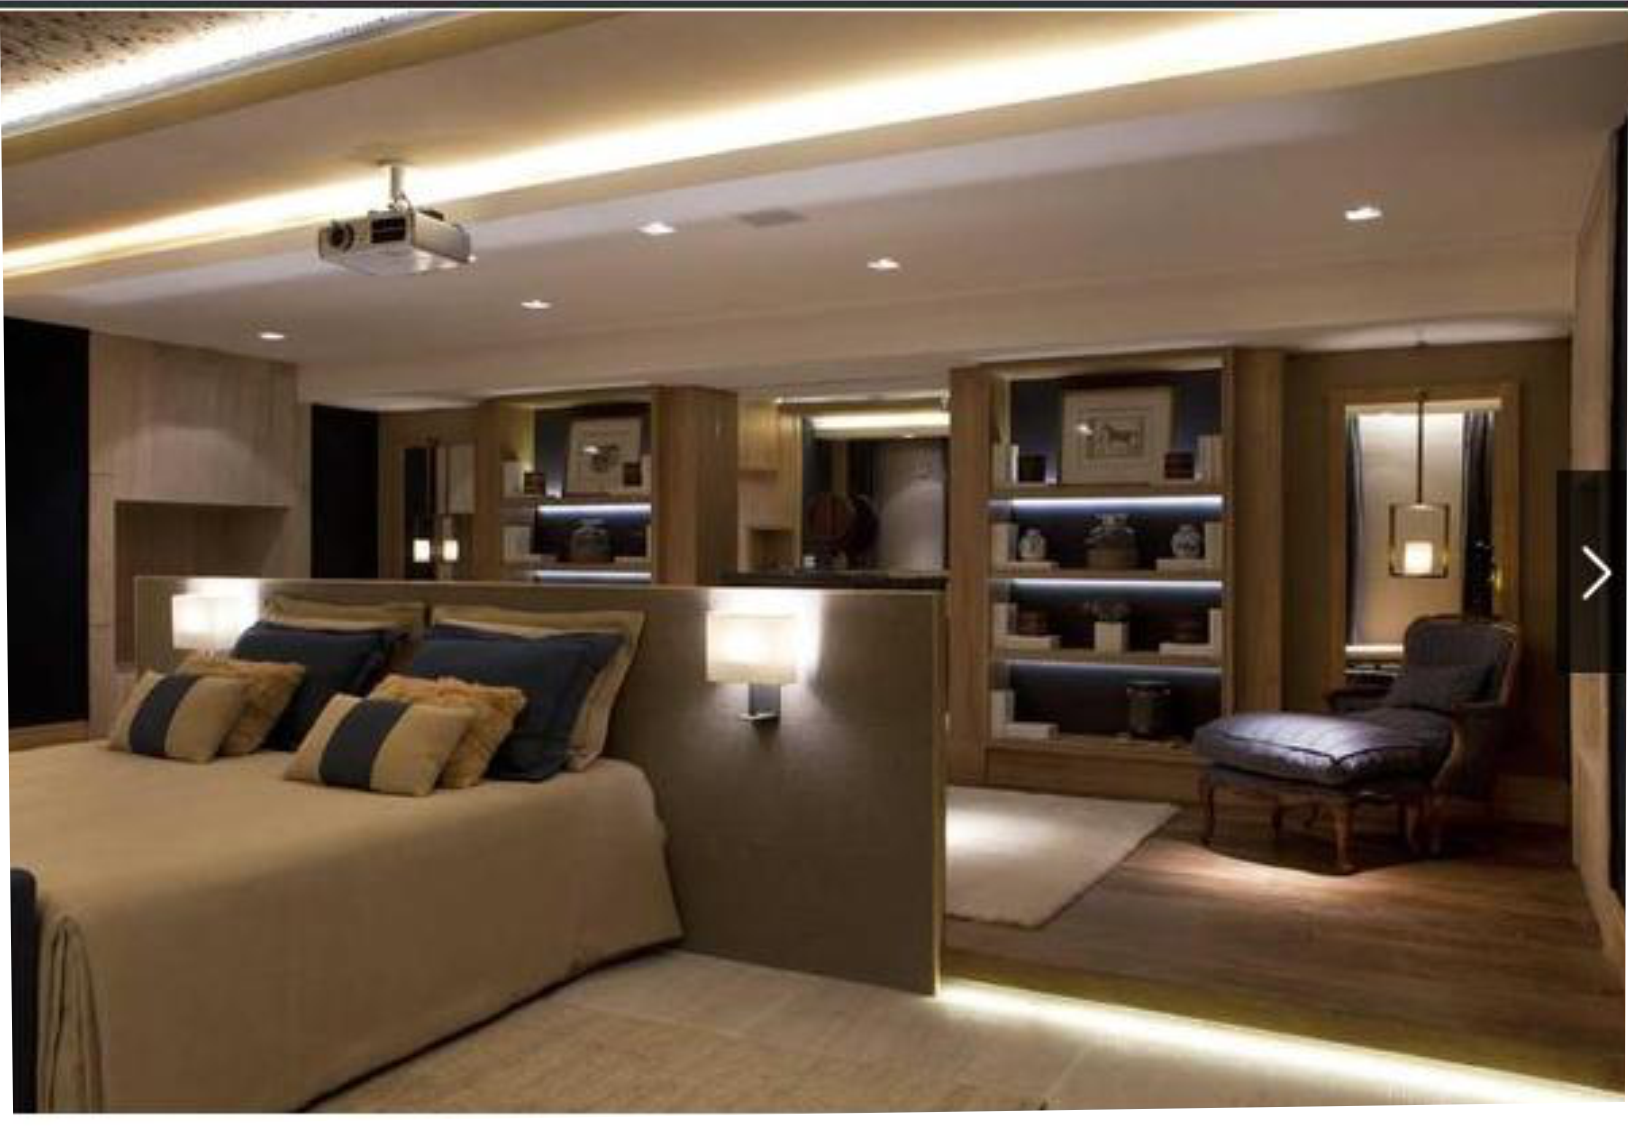 decoracao de interiores quarto de rapaz : decoracao de interiores quarto de rapaz:Casa Cor 2014 SP Quarto amplo